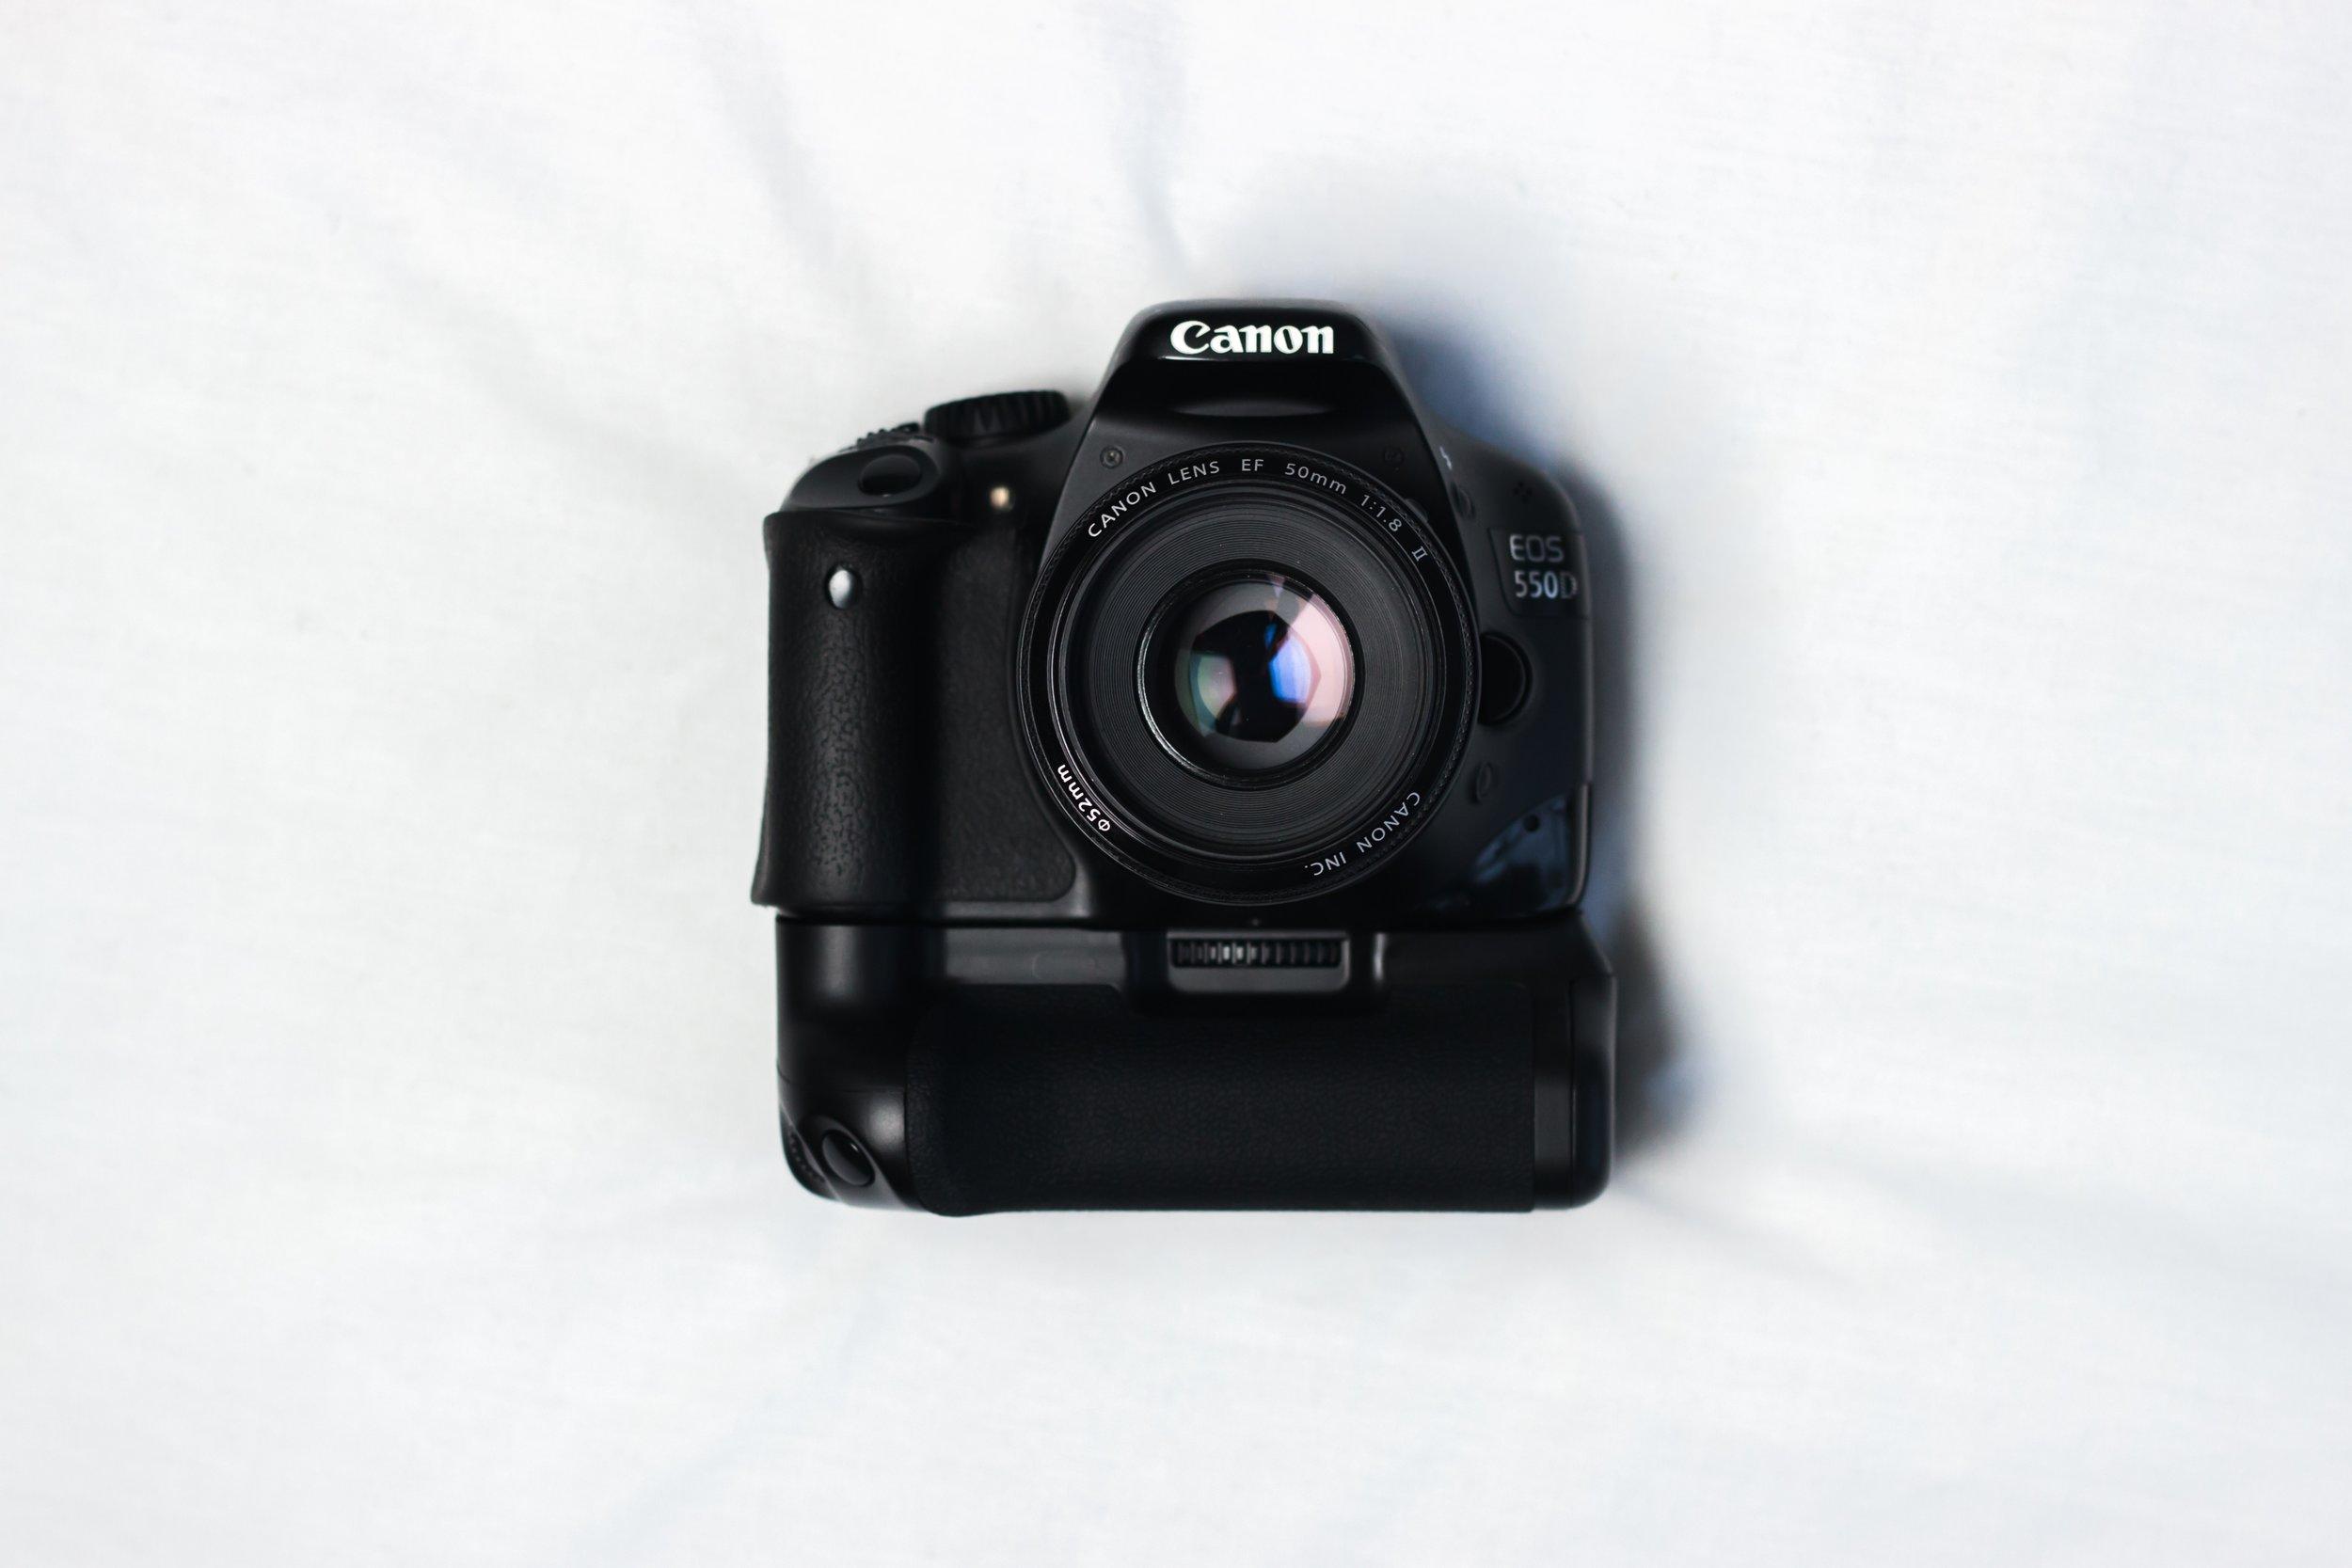 camera .jpg